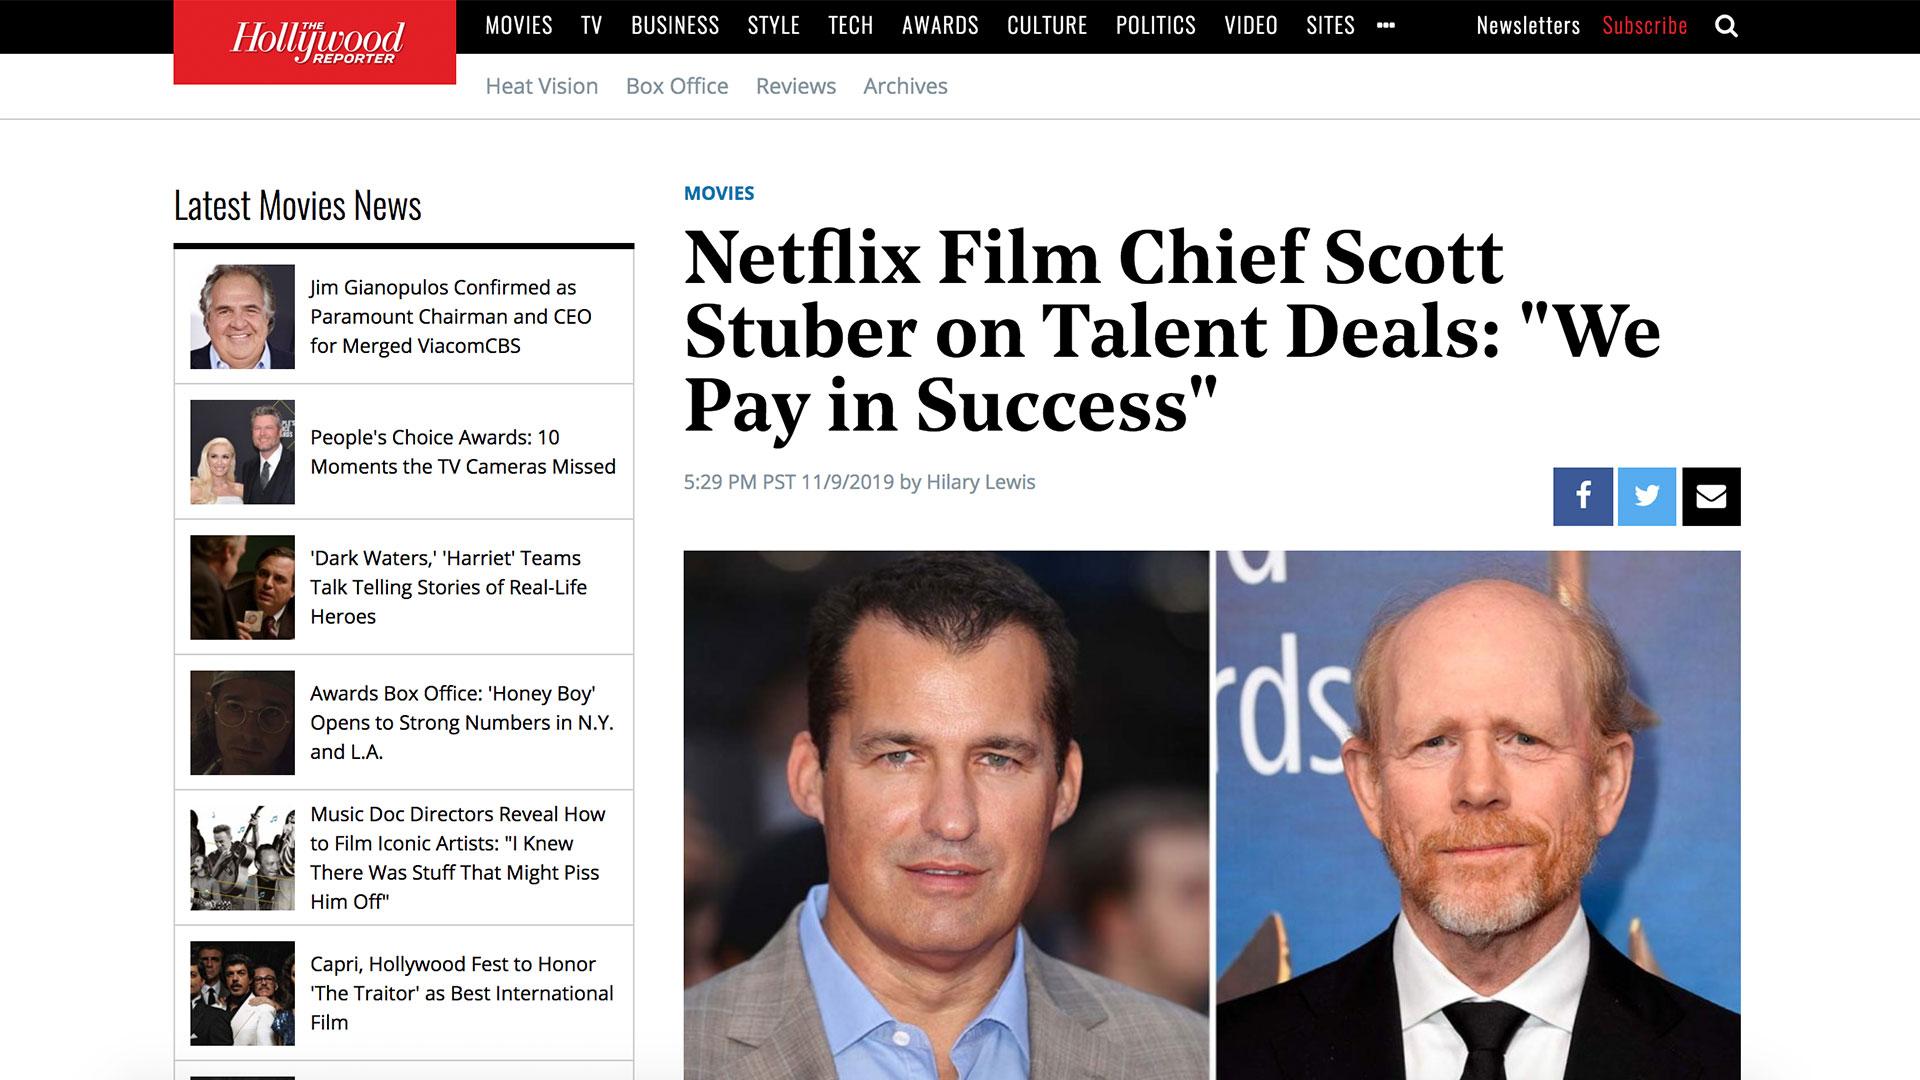 """Fairness Rocks News Netflix Film Chief Scott Stuber on Talent Deals: """"We Pay in Success"""""""